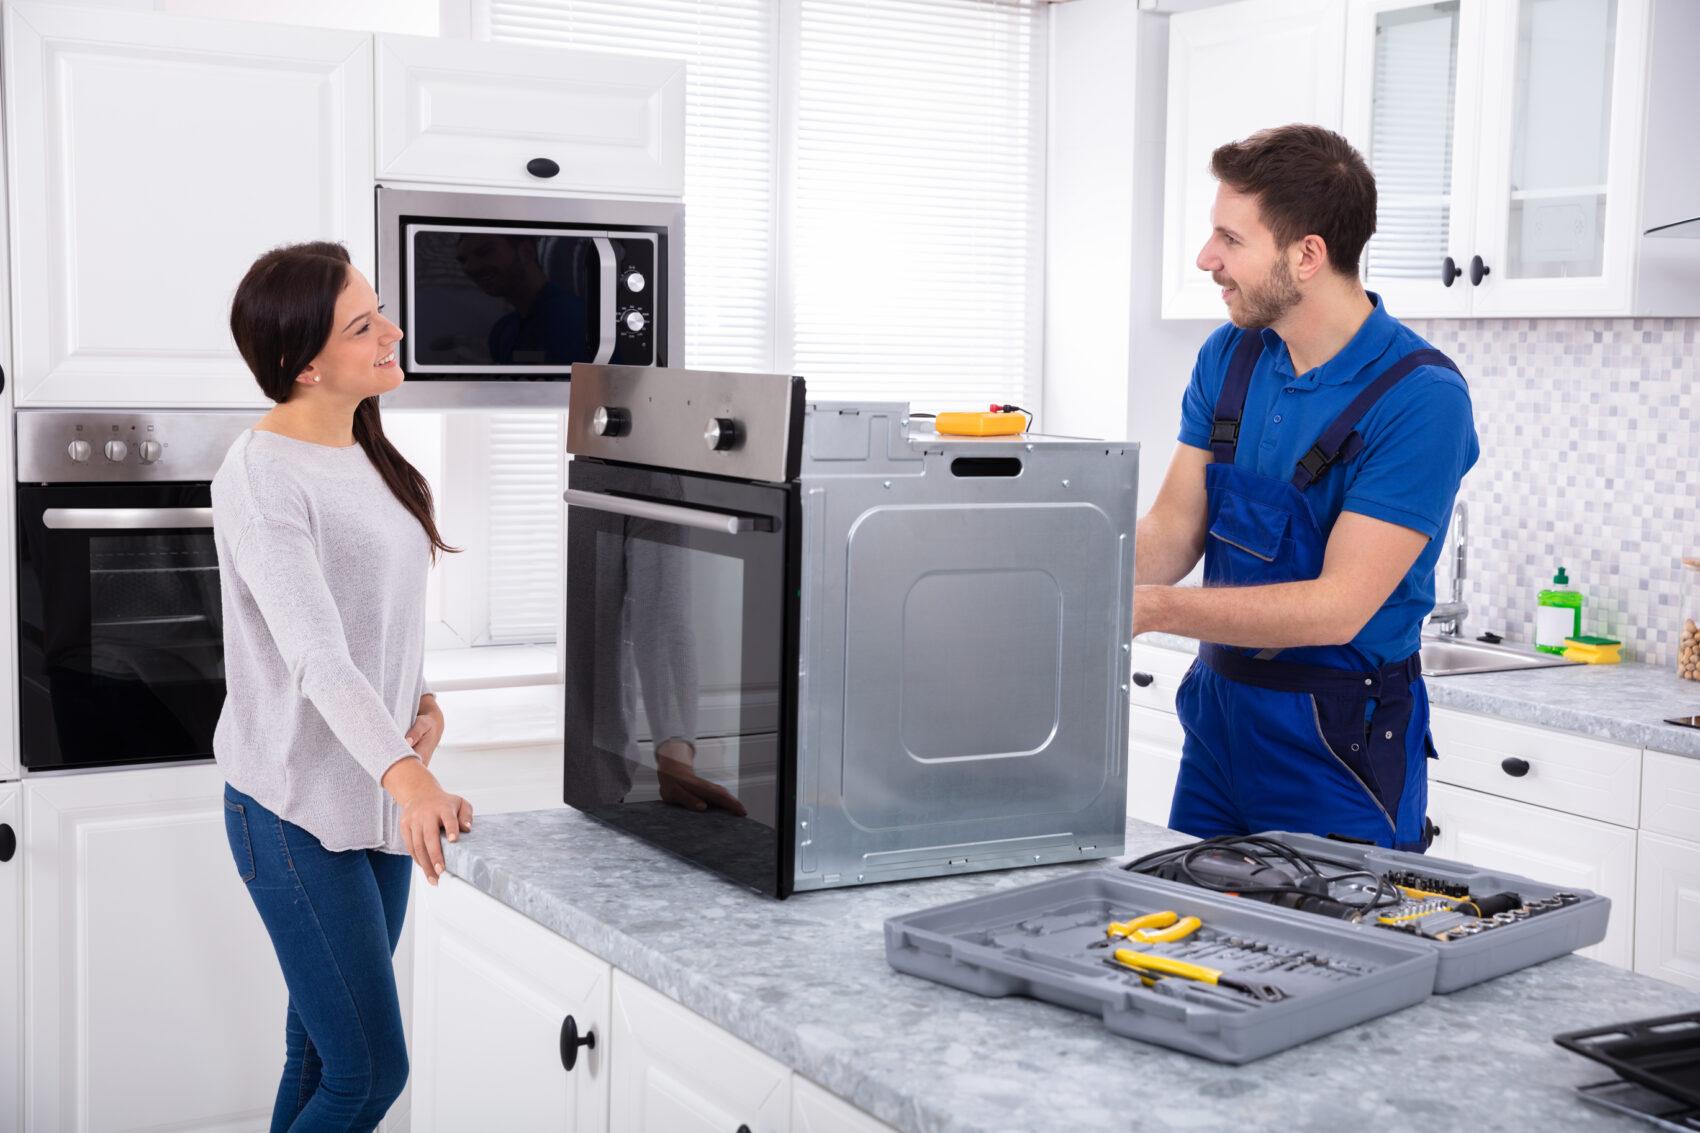 Young Repairman Repairing Oven On Kitchen Worktop